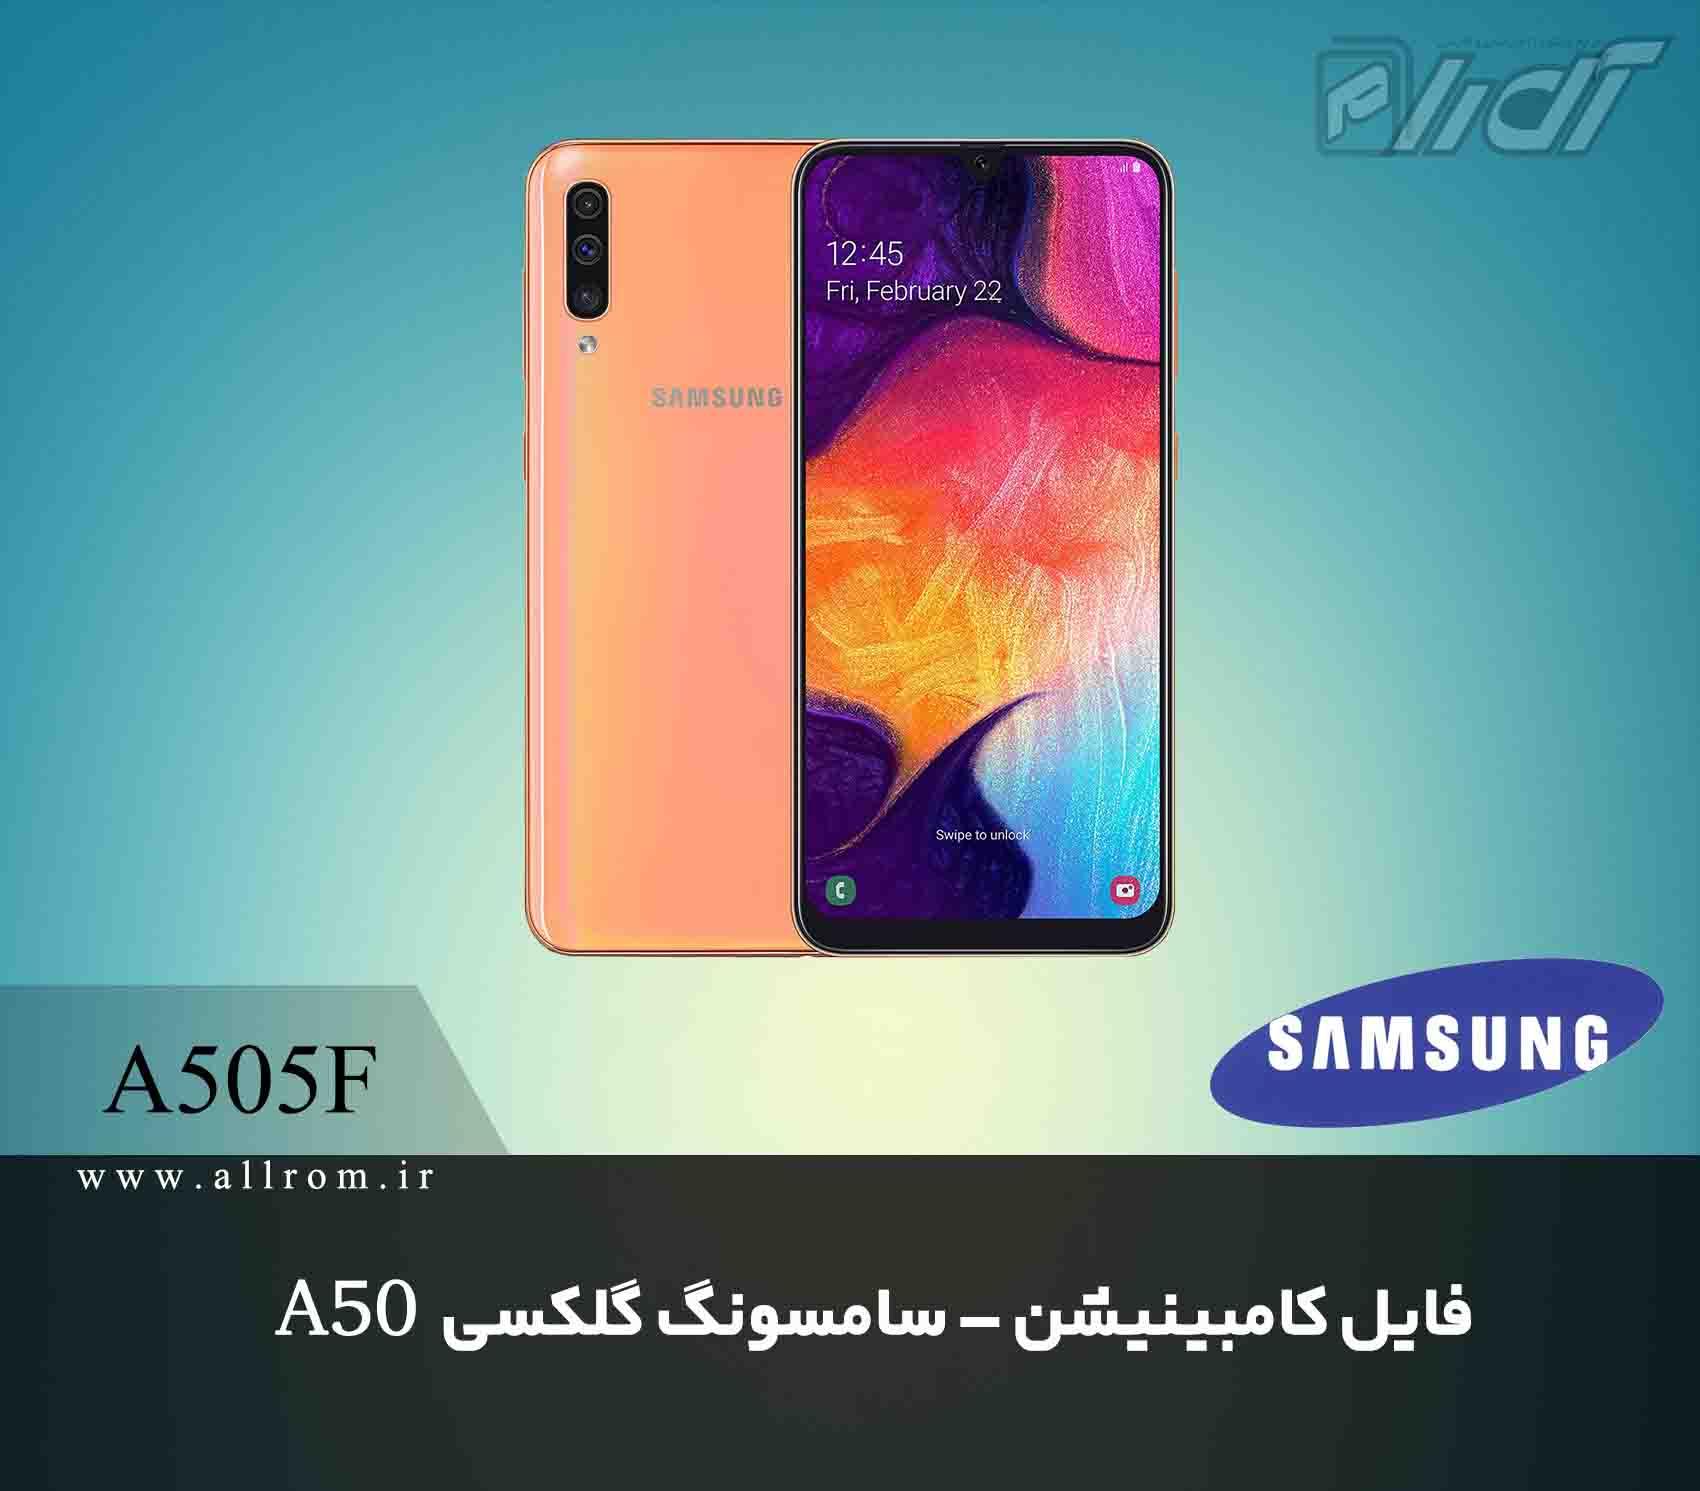 دانلود رام کامبینیشن Samsung Galaxy A50 SM-A505F